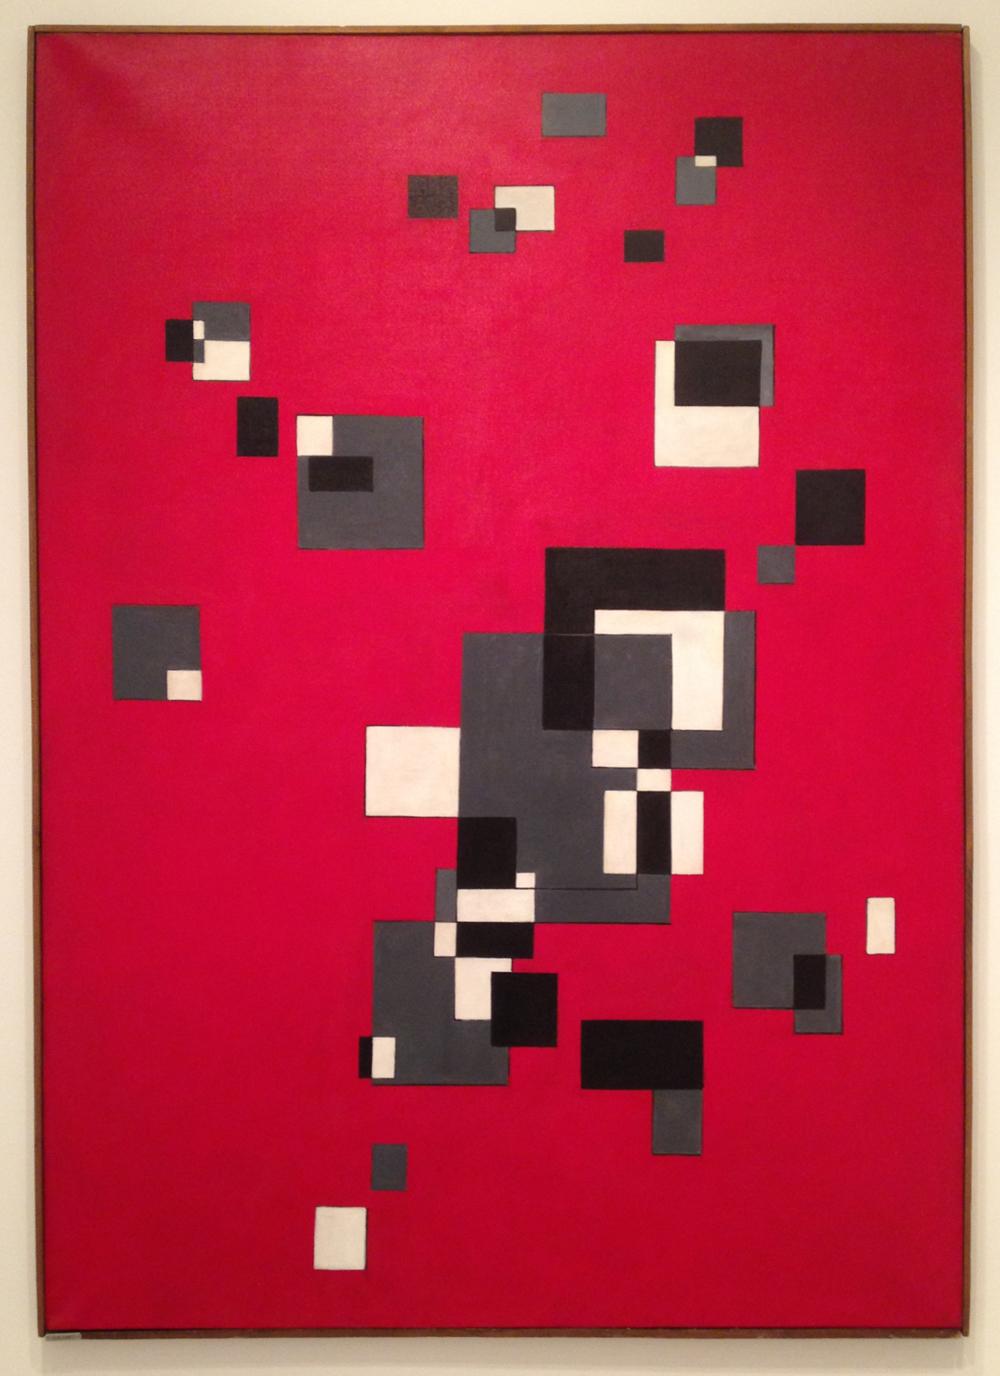 """Albino Galvano, """"Se e no (Yes and No)"""" (1952), oil on canvas, 71 x 51 inches."""